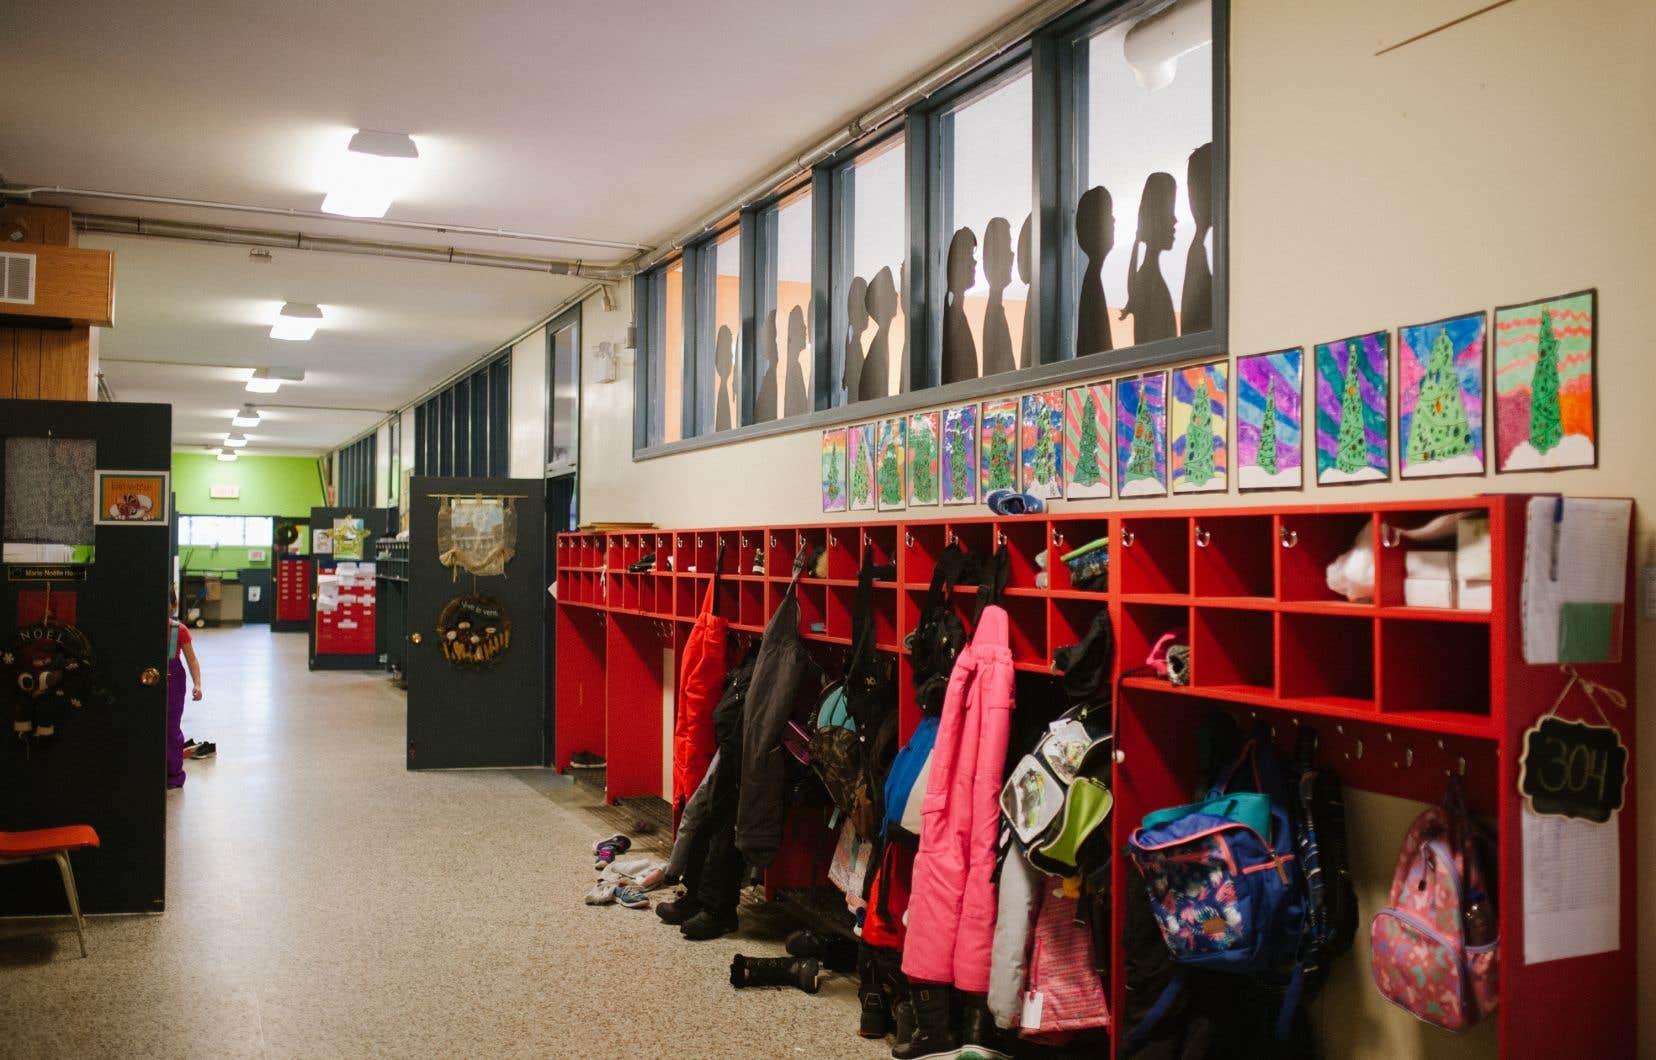 Le ministre Jean-François Roberge a beau avoir augmenté de façon importante les budgets pour les écoles démunies,57 écoles de la Commission scolaire de Montréalsubiront des coupes de budget totalisant 1,7million de dollars l'an prochain.